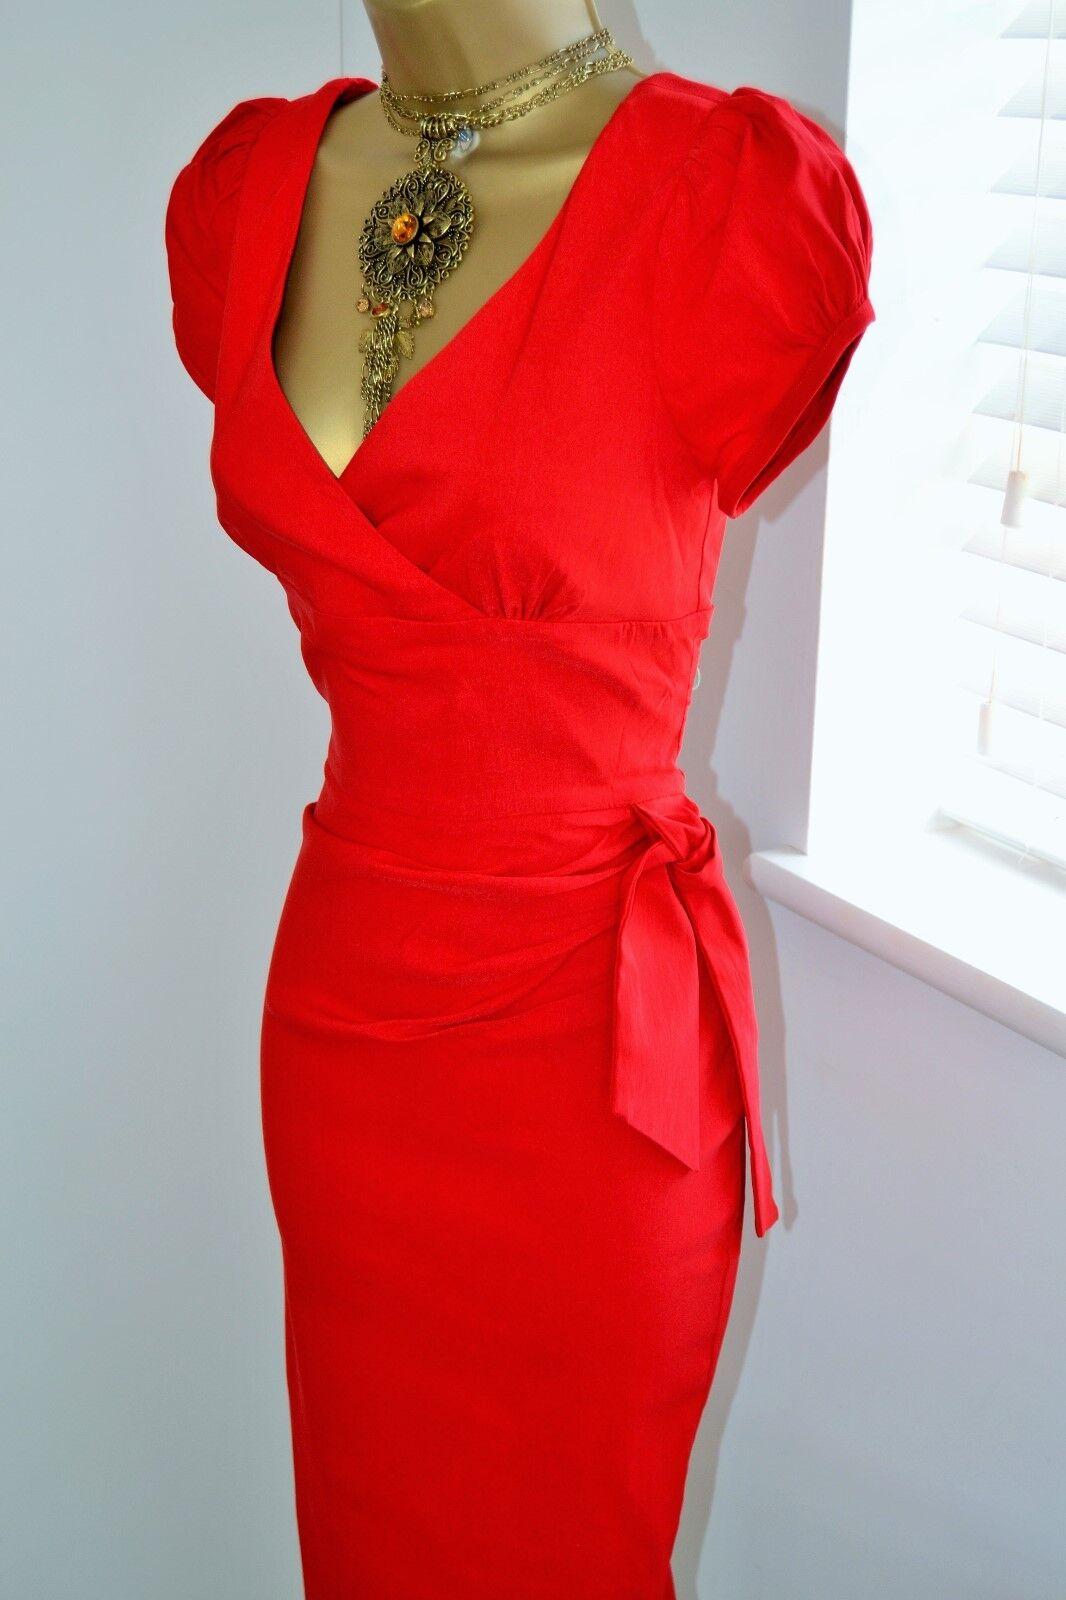 ⭐️ Butterfliesbuttercups ⭐️ Felicity Diva Dress Size 12 Red Marilyn Wiggle